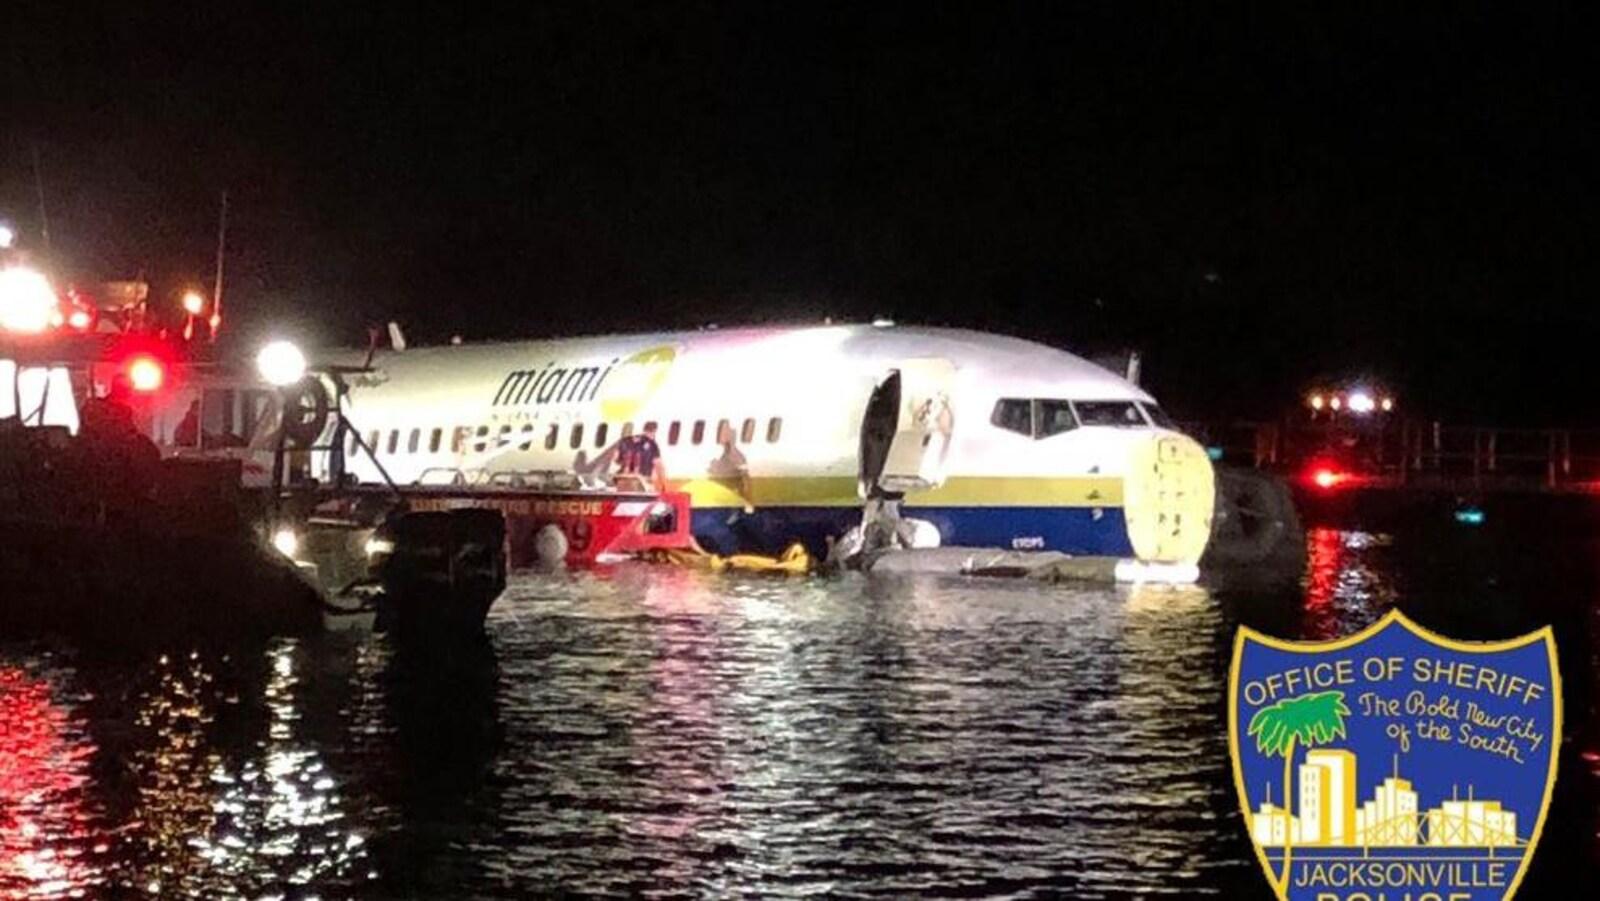 Un Boeing 737 termine son atterrissage dans la rivière — Floride